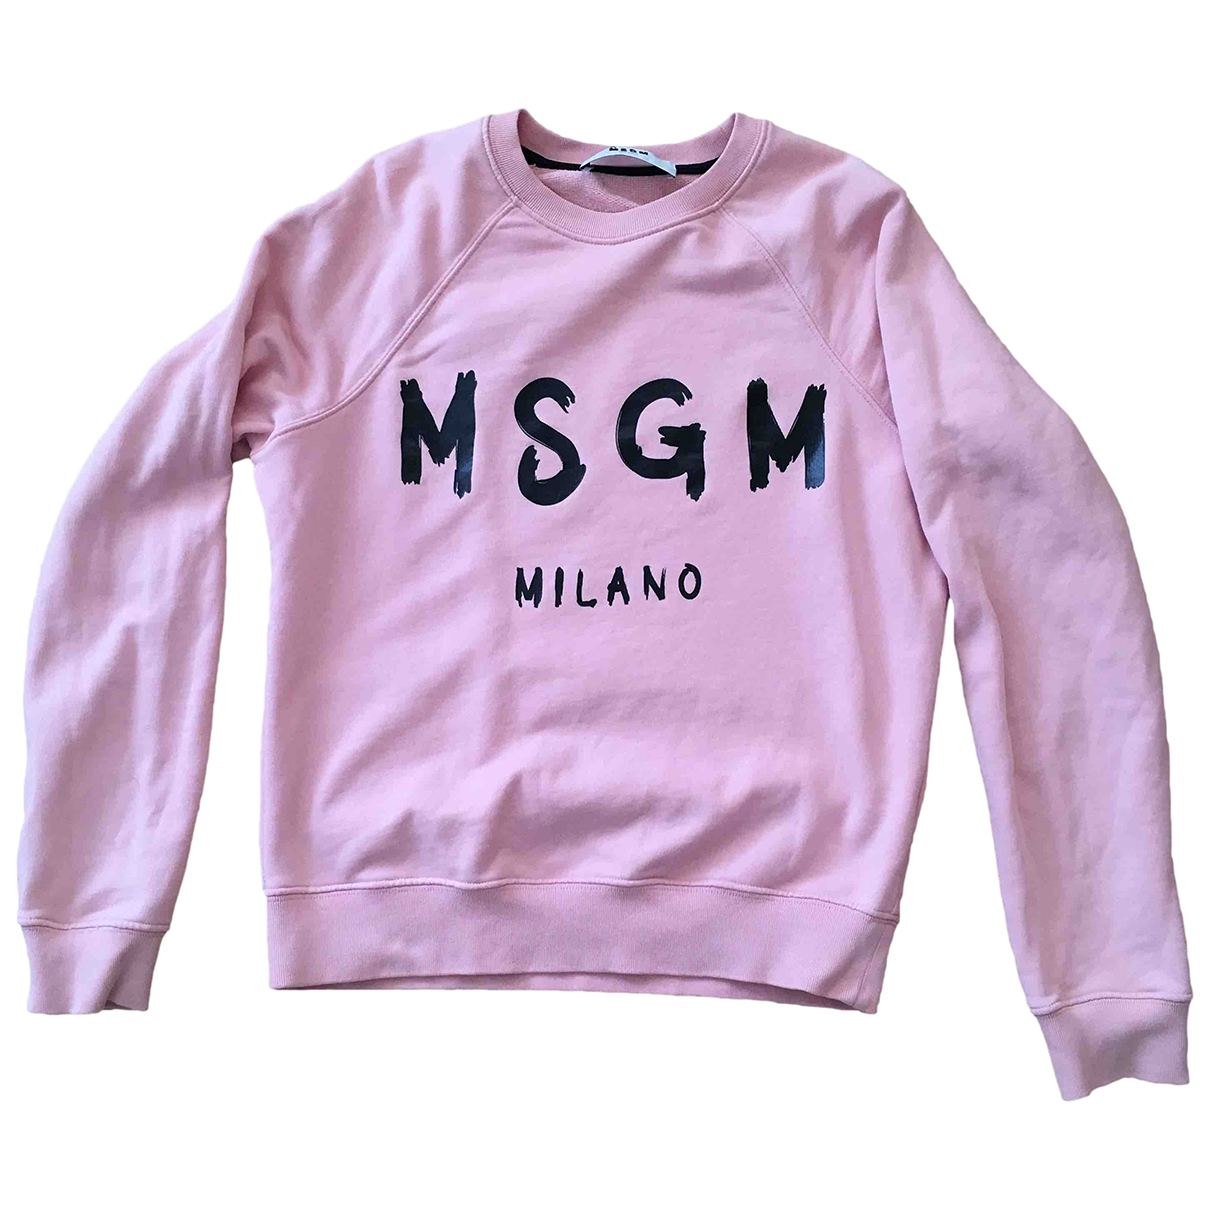 Sudadera Msgm